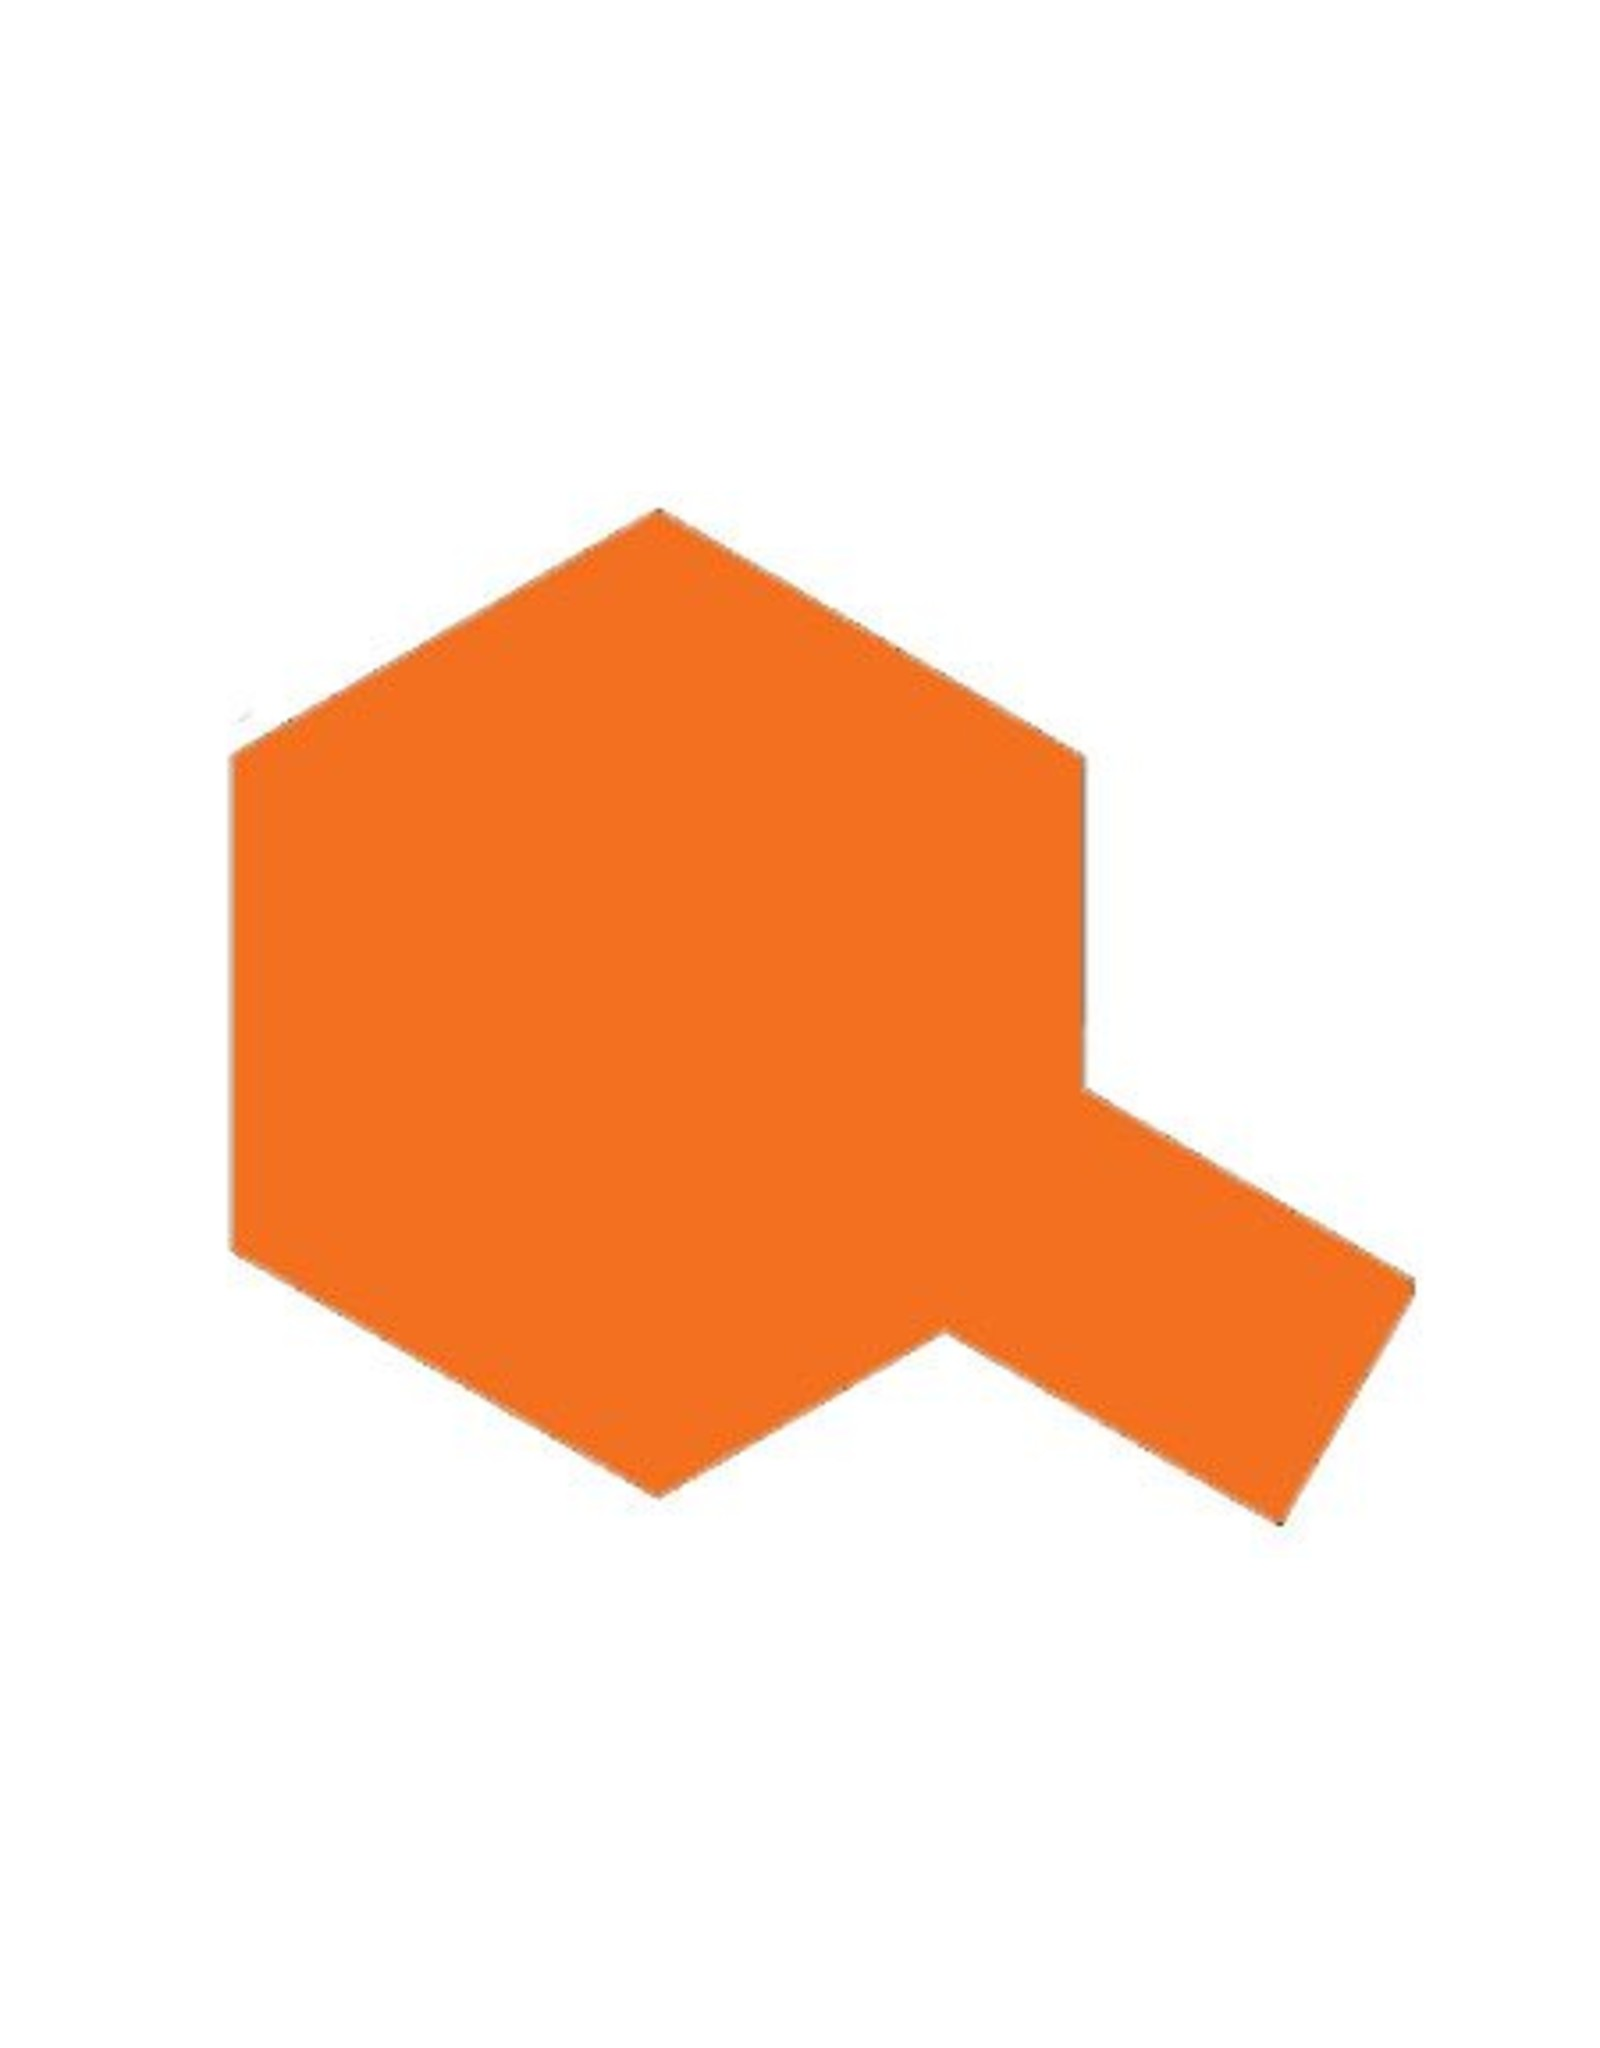 Tamiya Acrylic Mini X-6 Orange